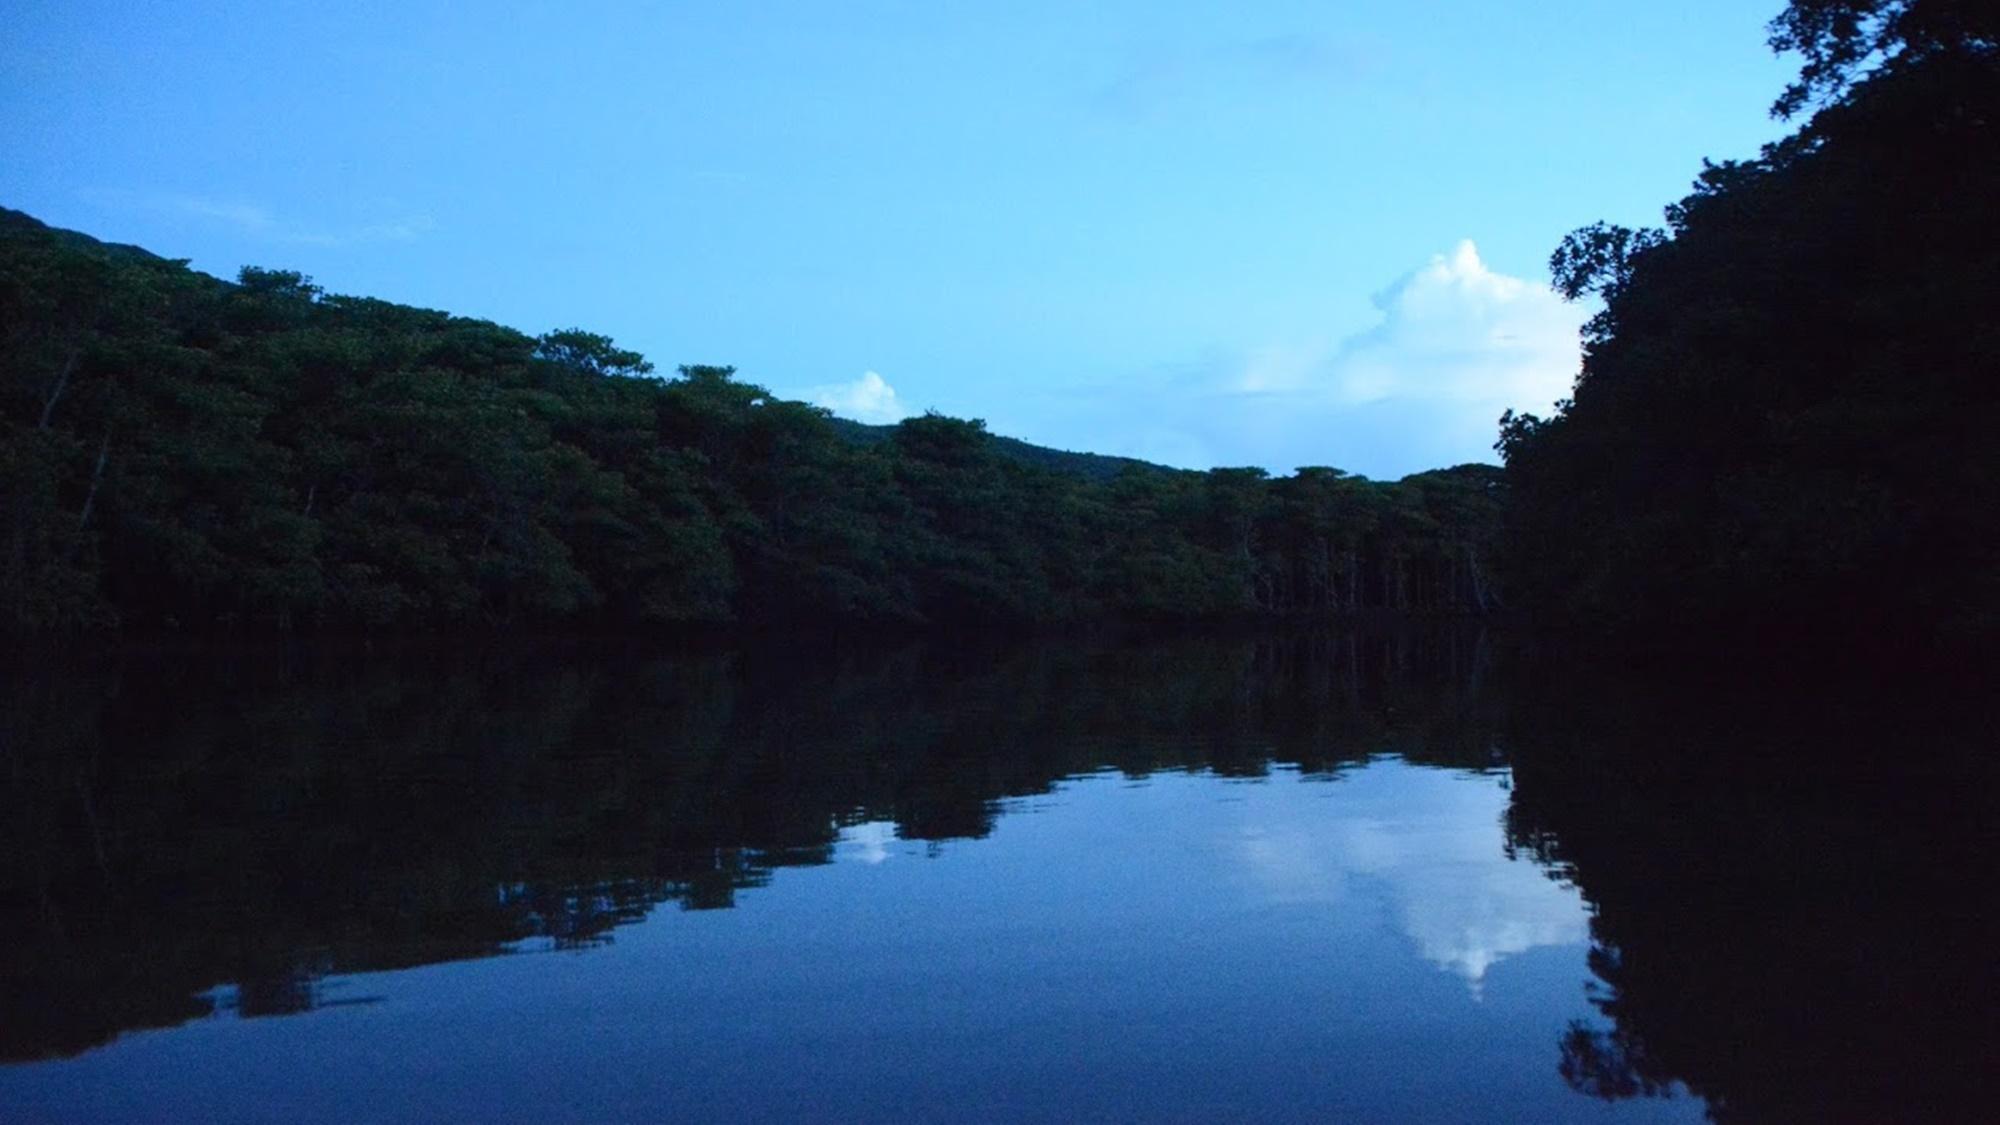 *静寂のジャングルに生き物たちの息吹が聞こえてきます。